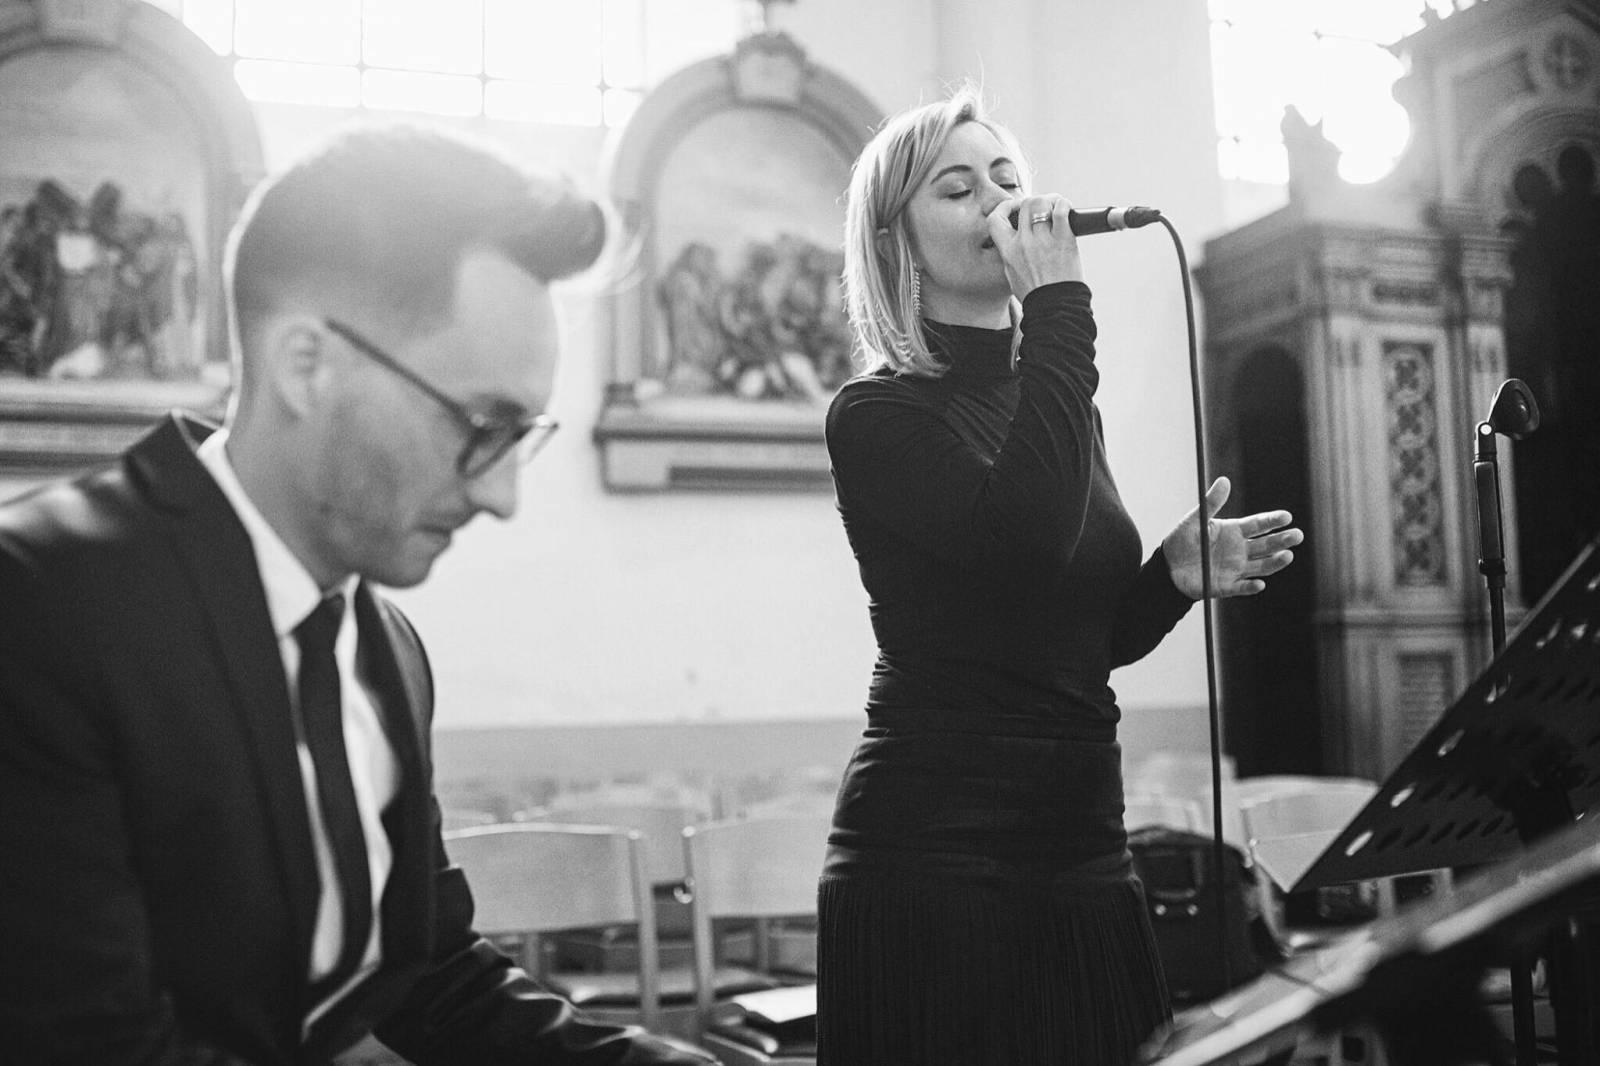 Zina - Ceremoniemuziek - Live muziek - Zangeres - Huwelijk - Trouw - Bruiloft - House of Weddings - 1